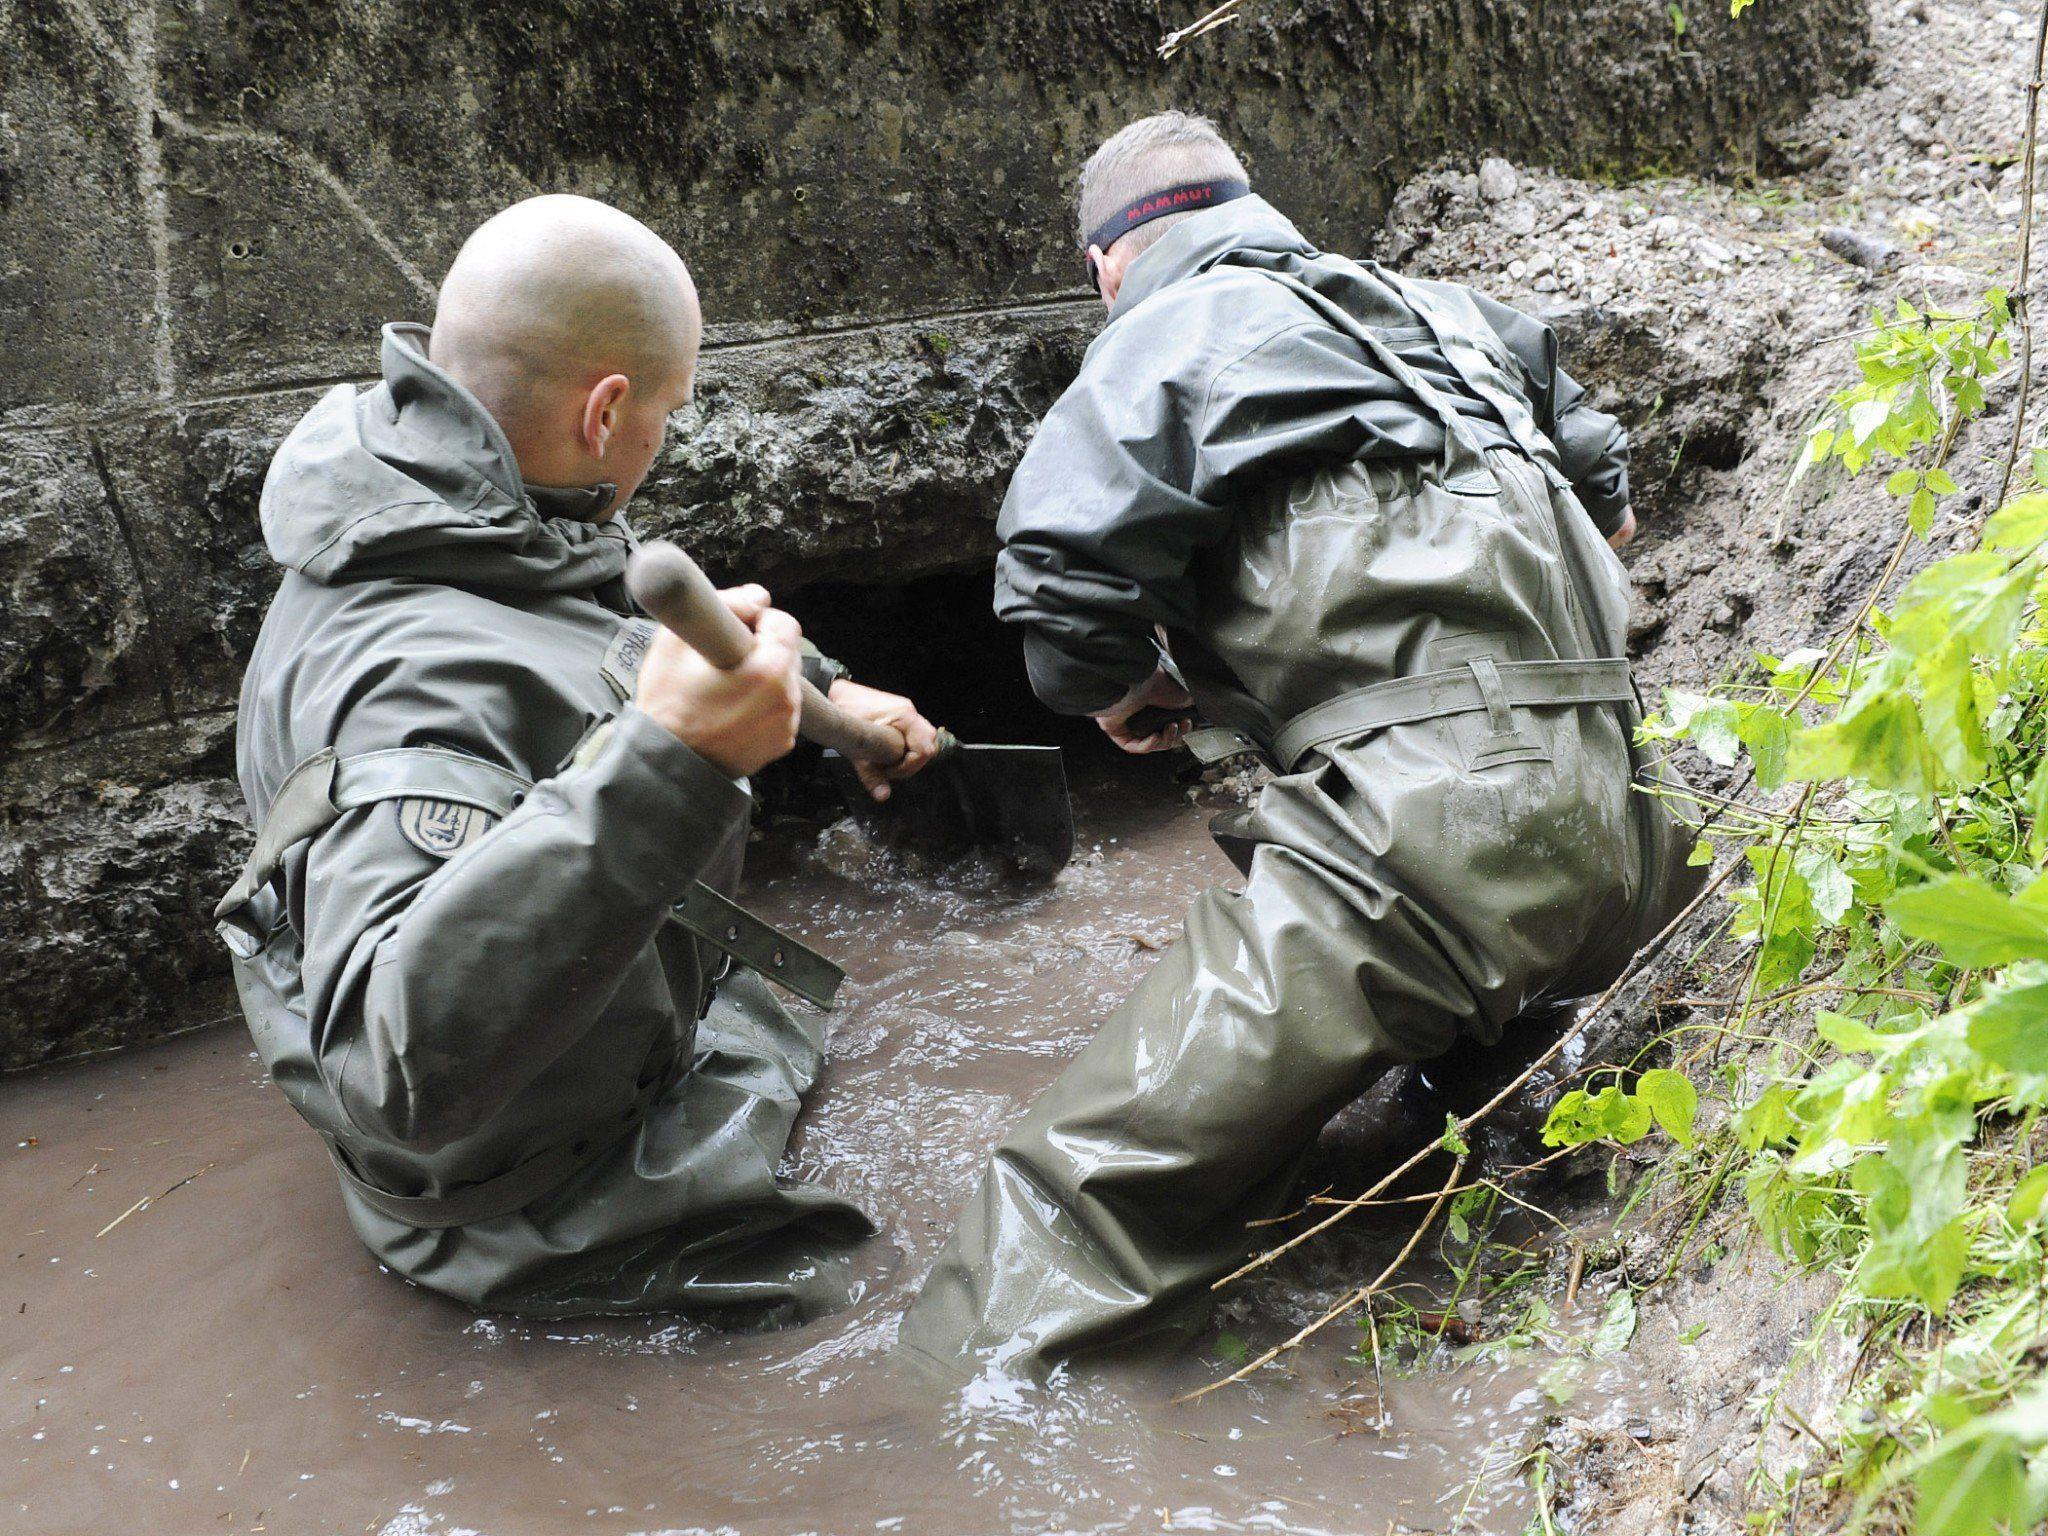 Hochwasser - NÖ Feuerwehren standen mit 5.100 Kräften im Einsatz